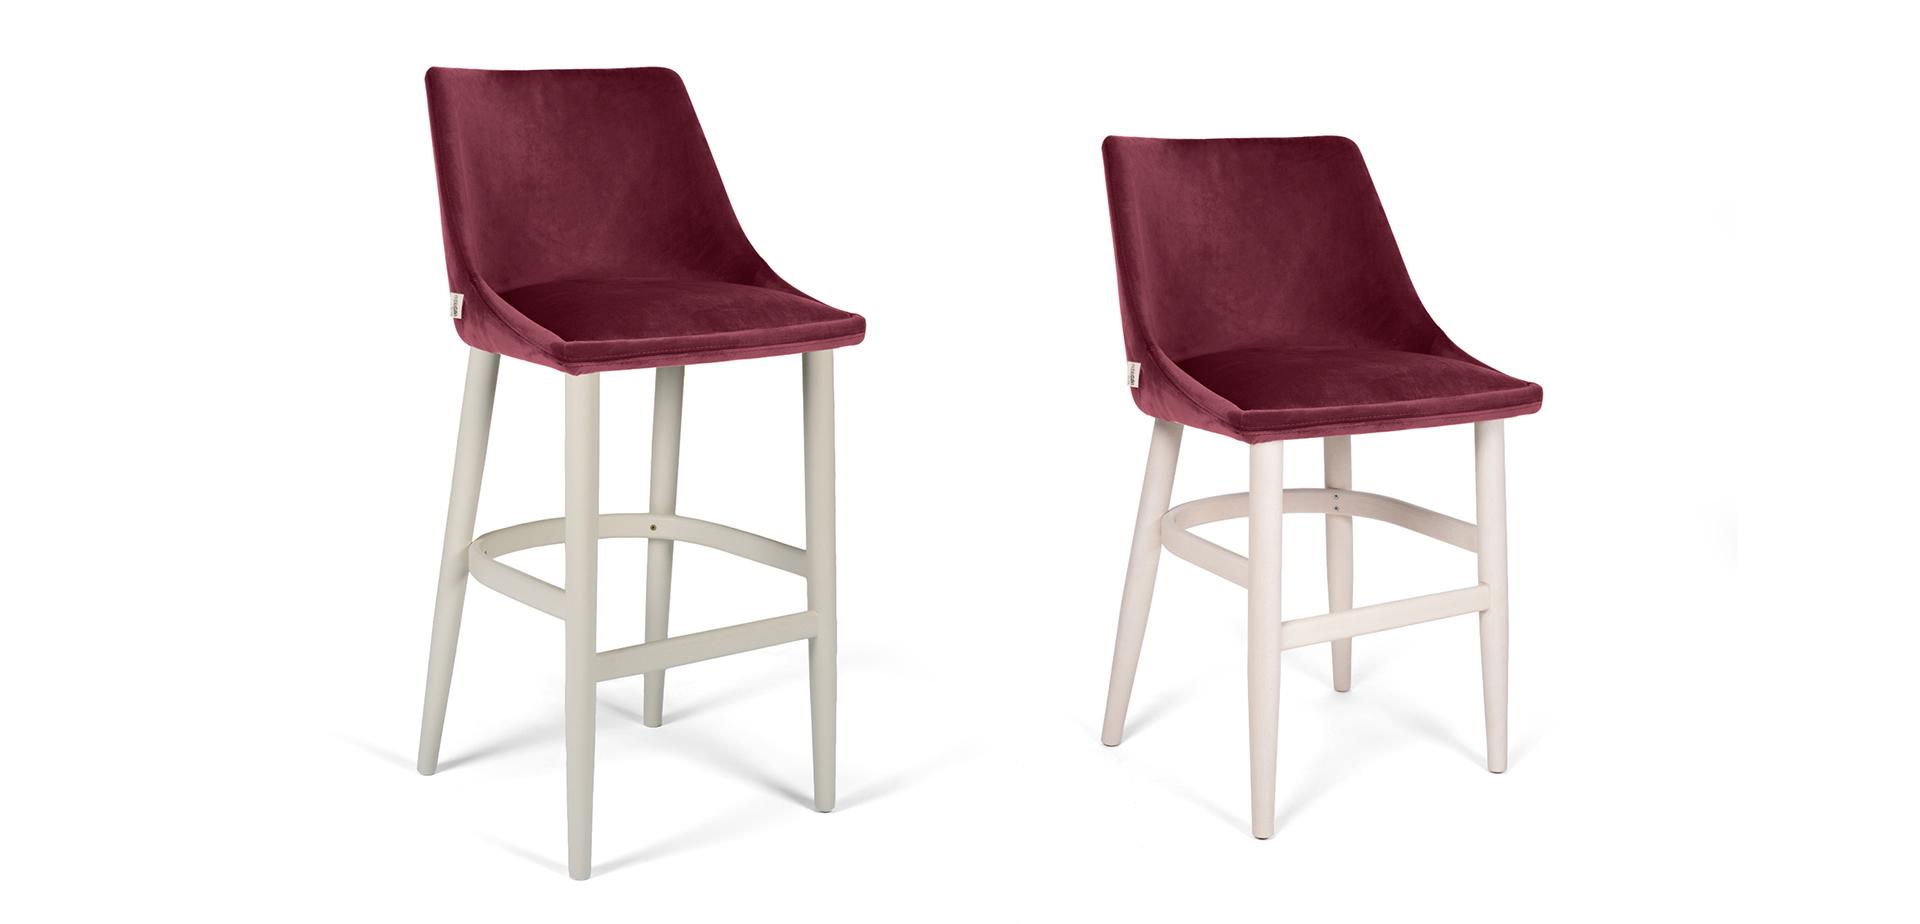 alberta-scaun-14.jpg